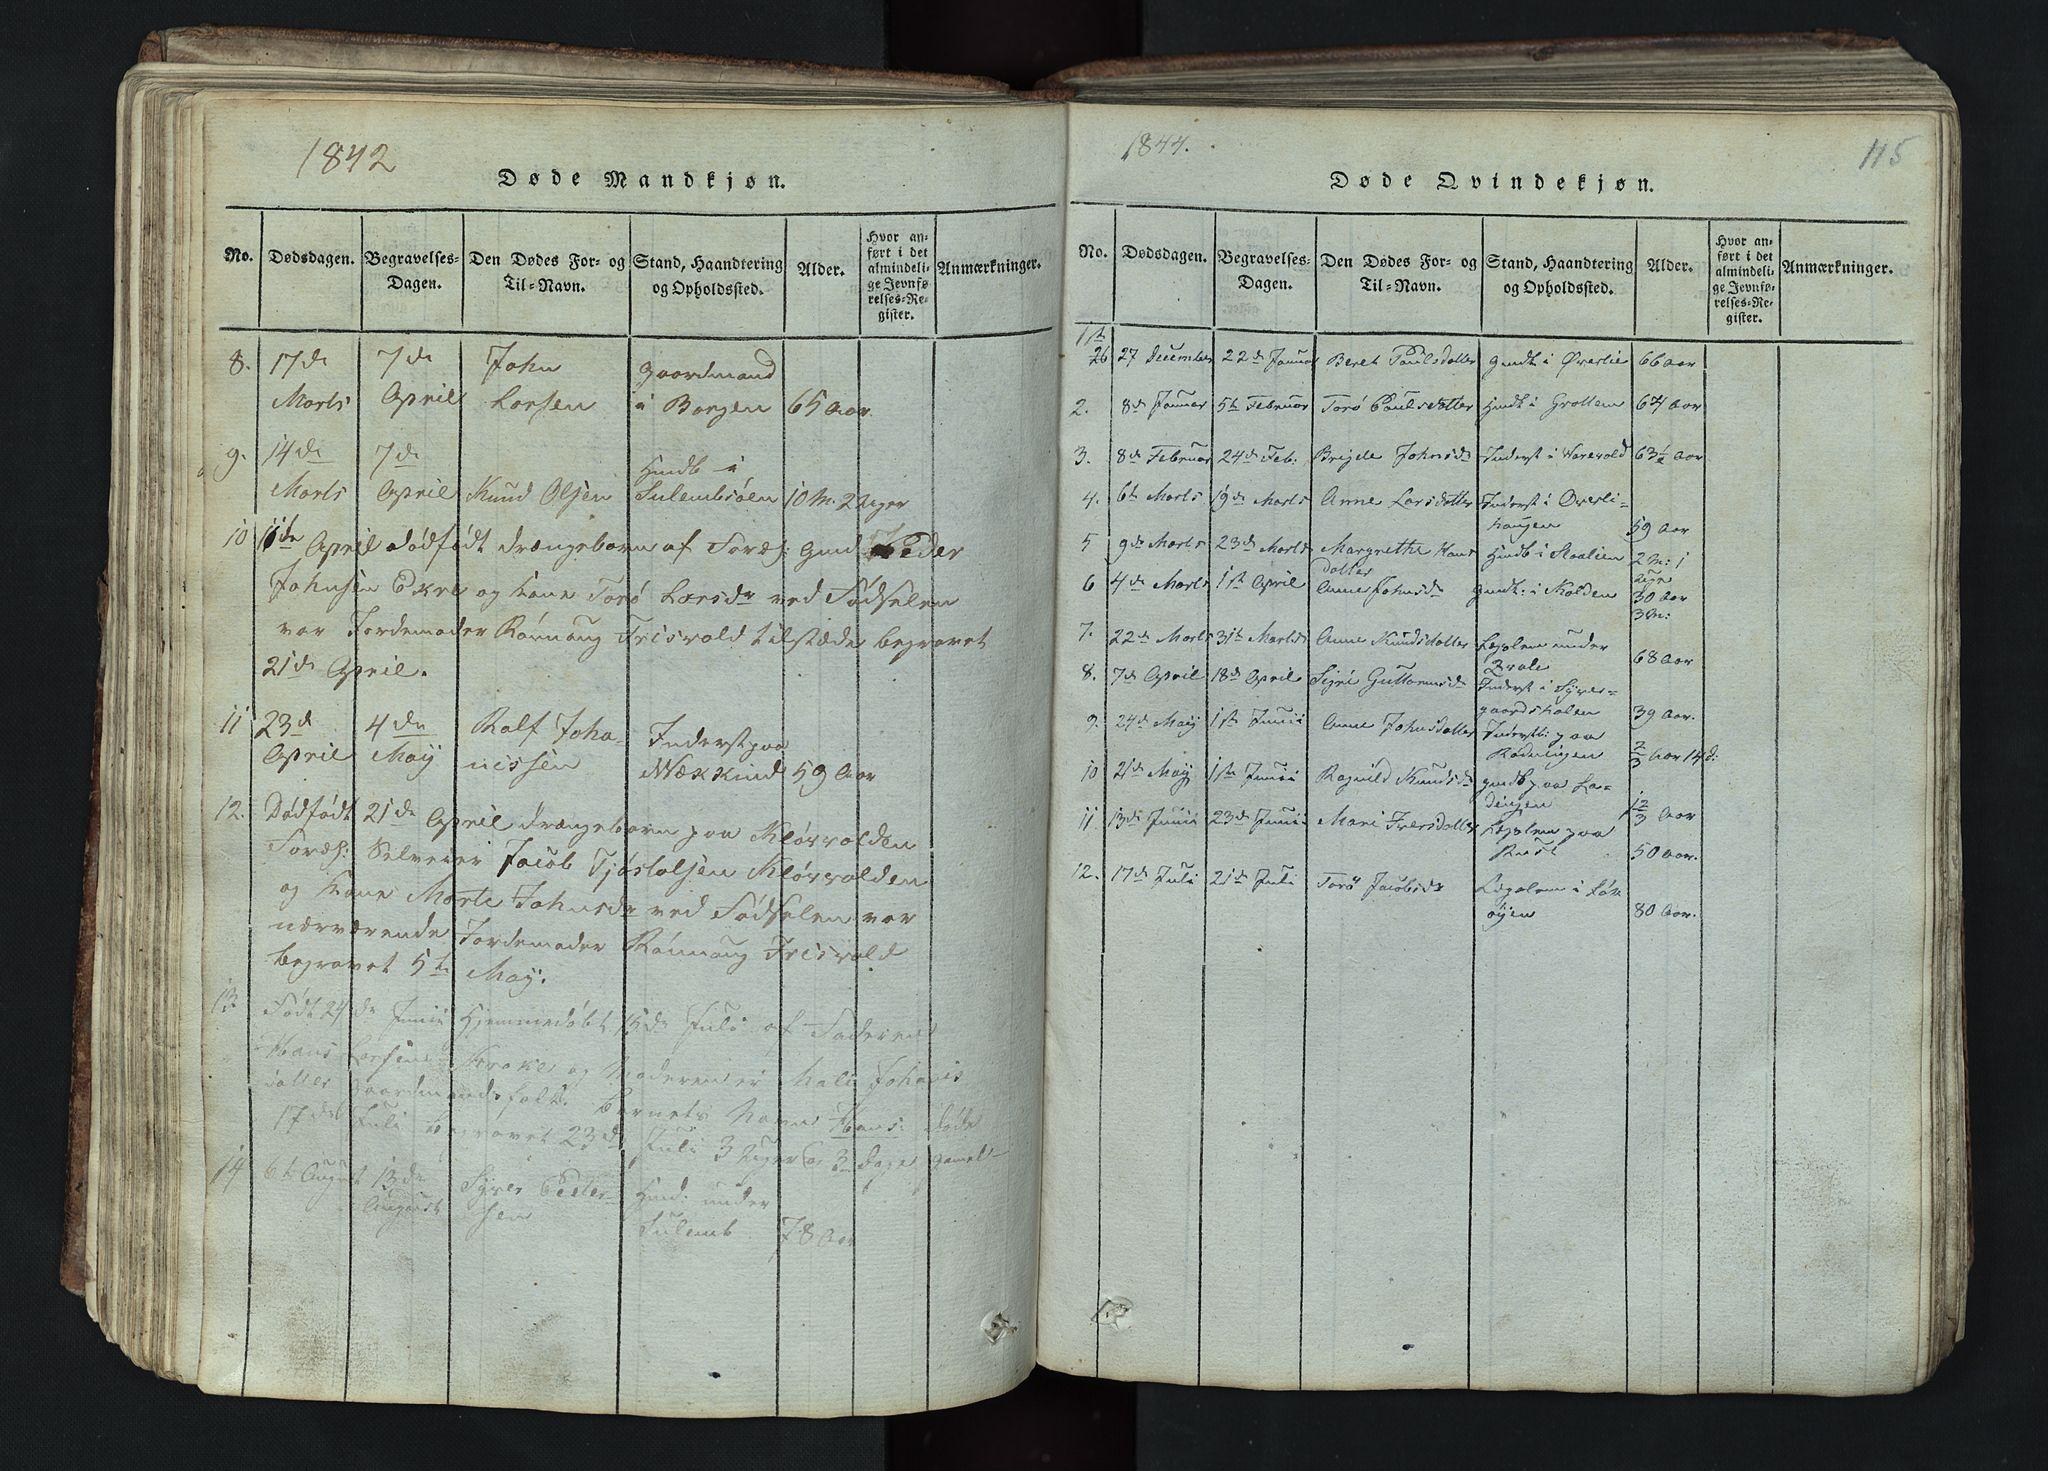 SAH, Lom prestekontor, L/L0002: Klokkerbok nr. 2, 1815-1844, s. 115